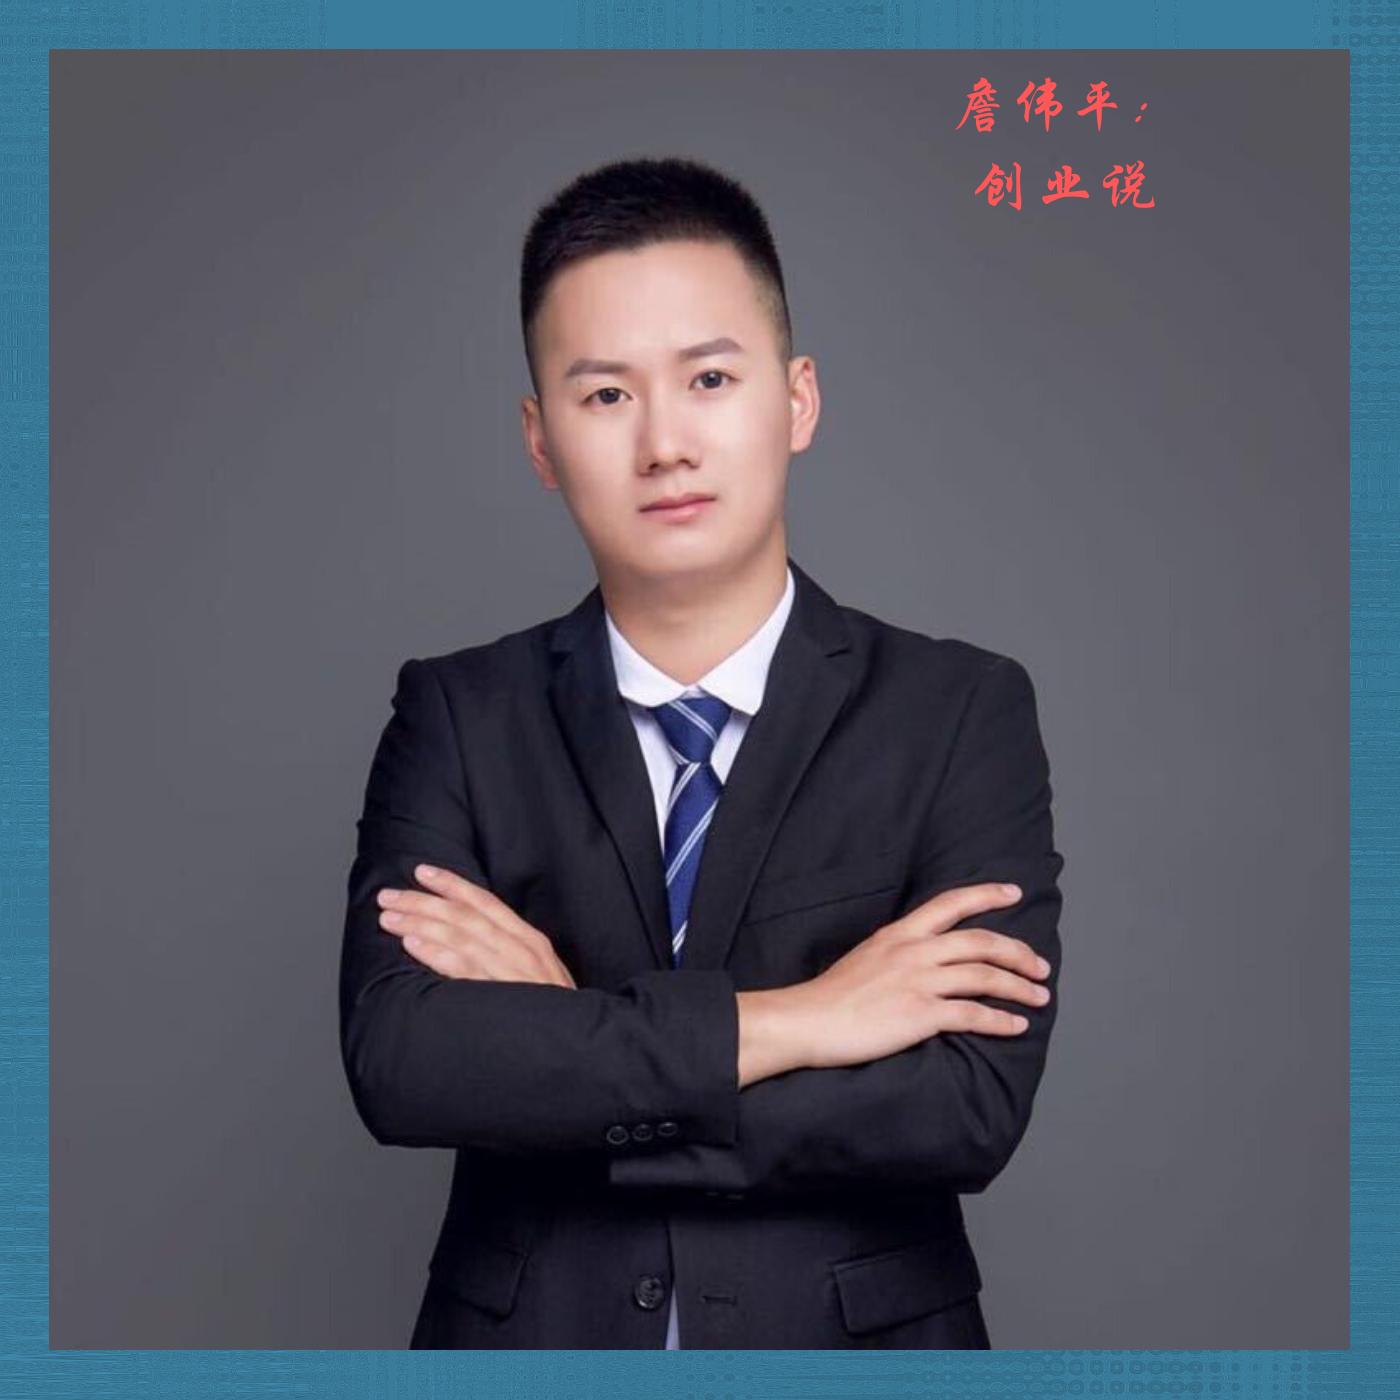 詹伟平:创业说